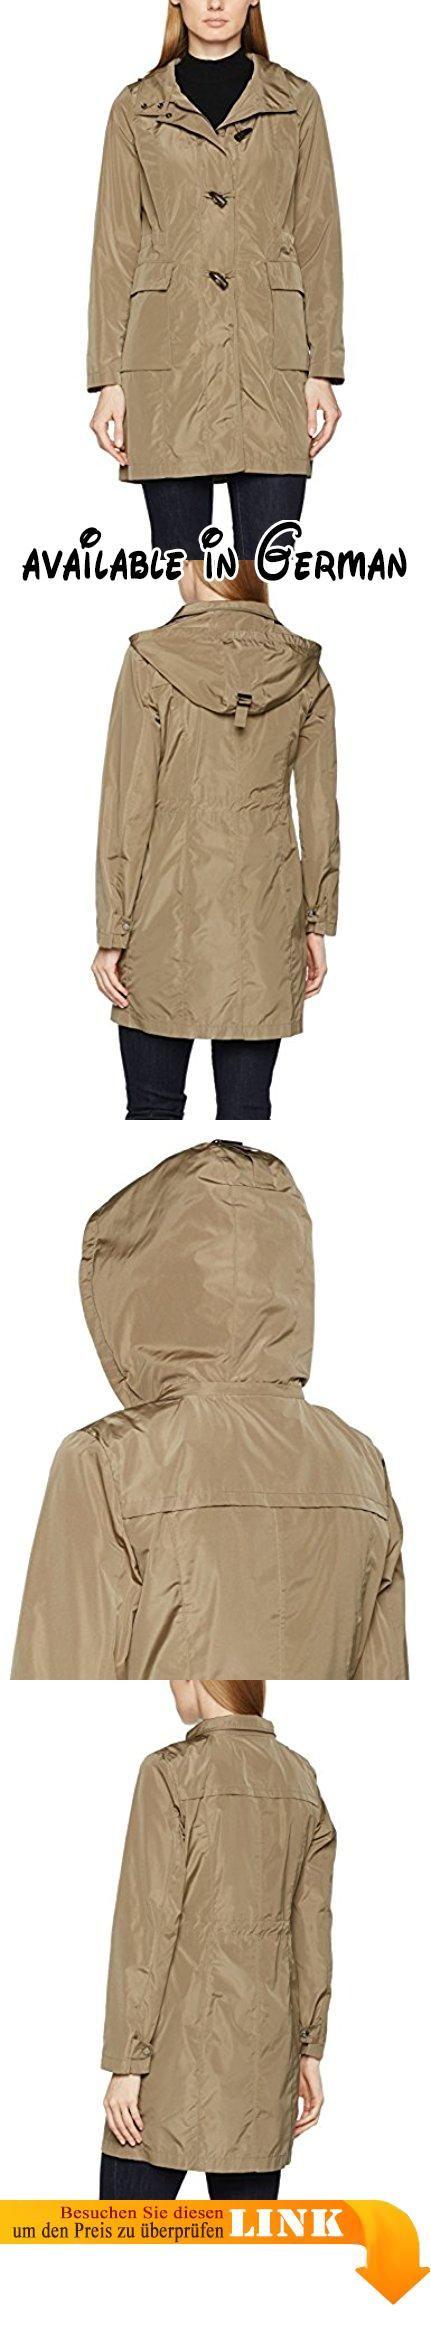 Schneider salzburg mantel damen